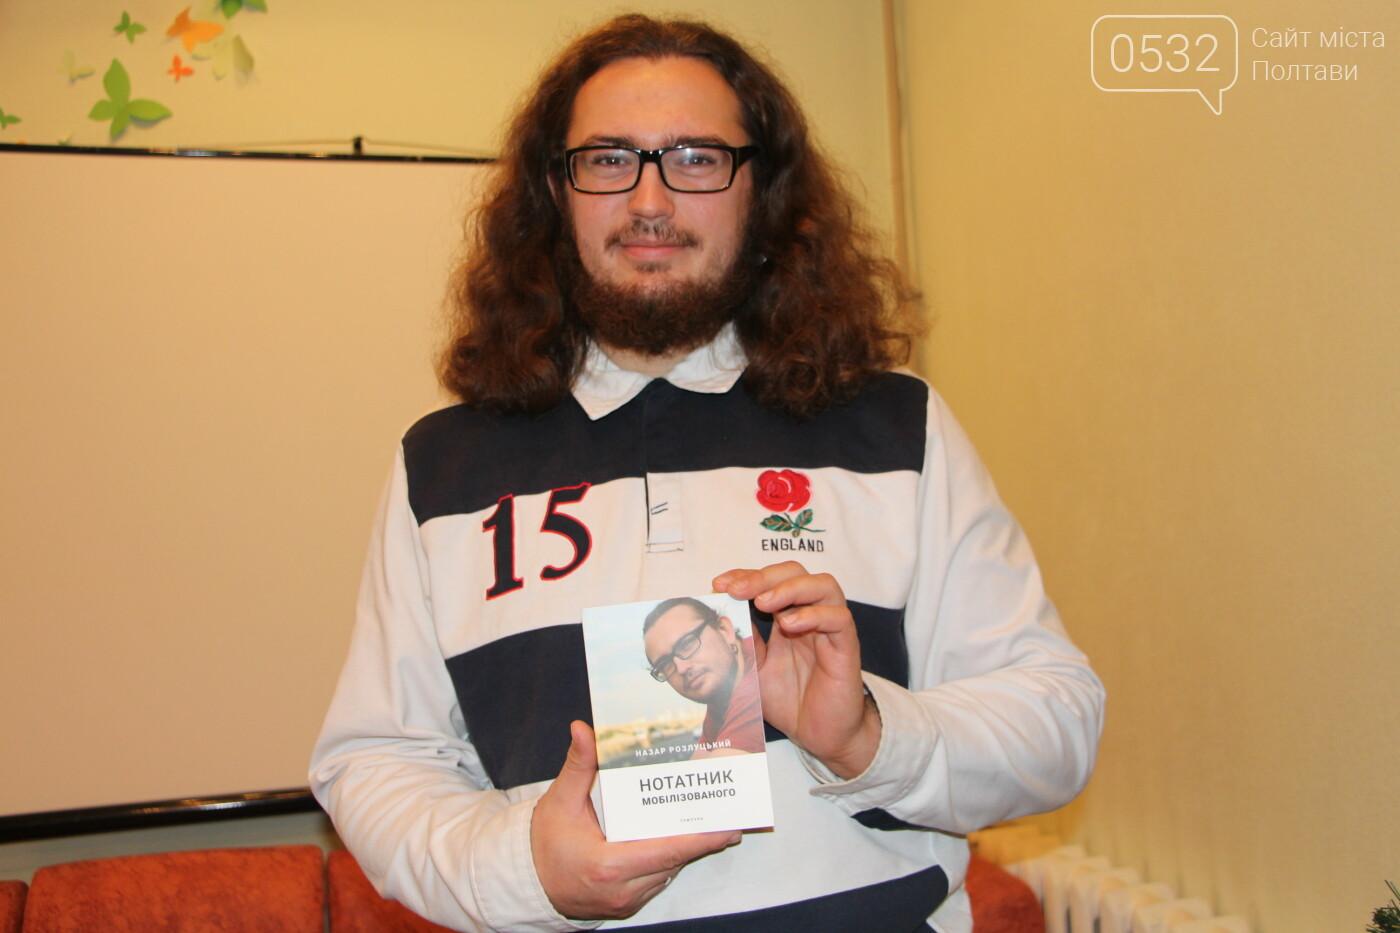 """У Полтаві презентували книгу Назара Розлуцького """"Нотатник мобілізованого"""", фото-8"""